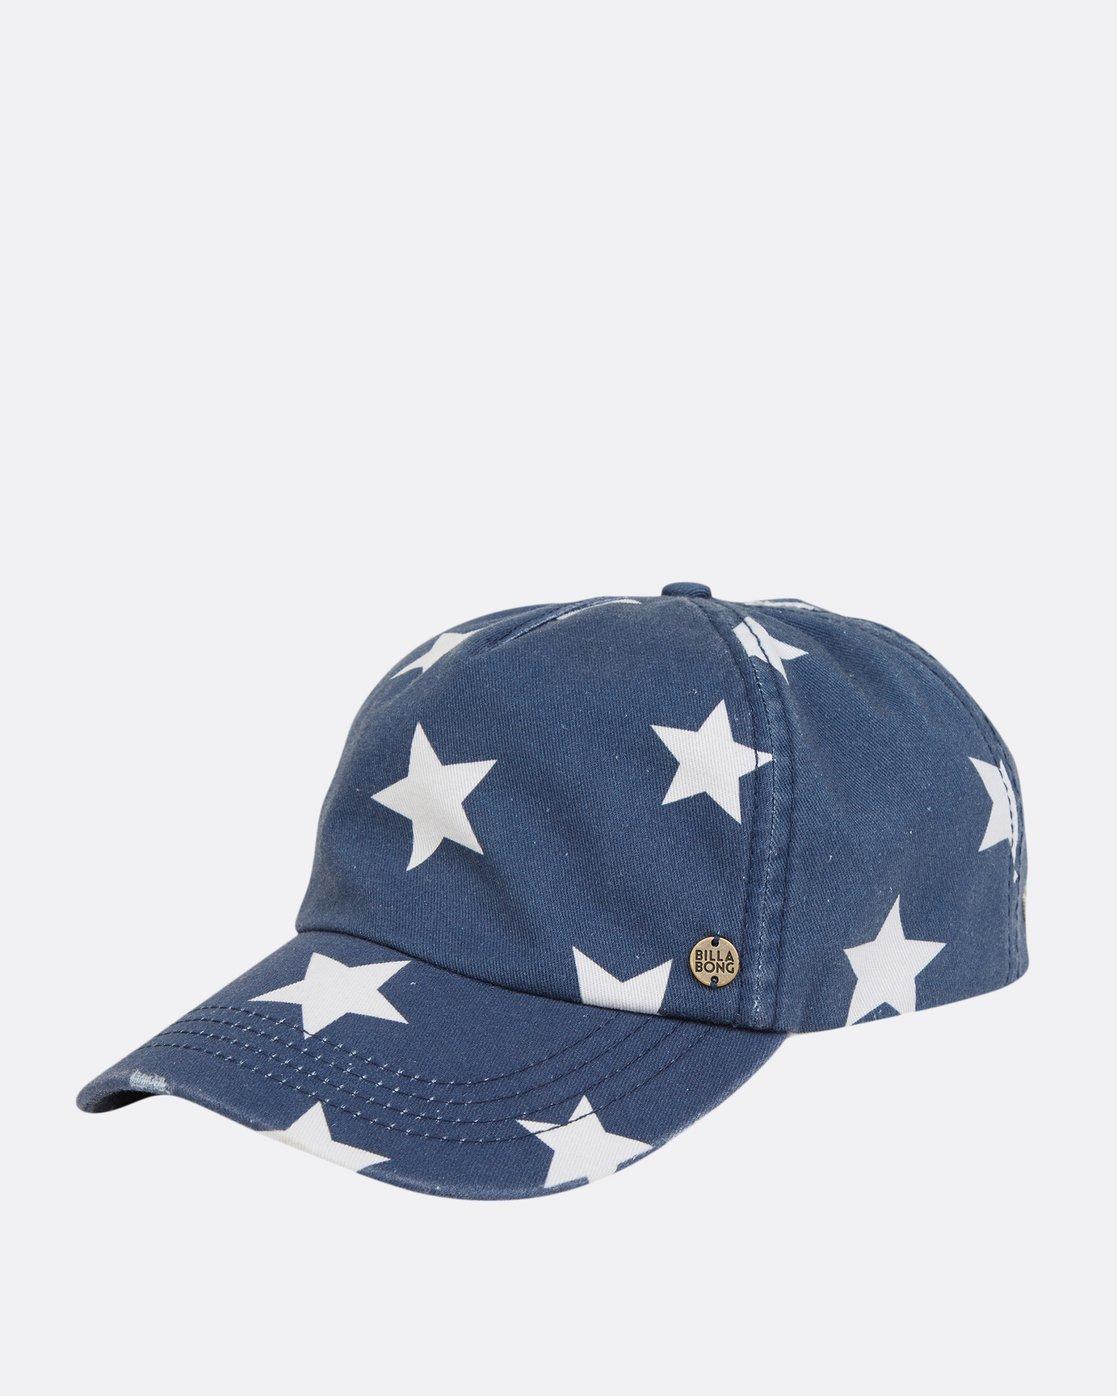 274dd6ed1a4e0e ... discount 0 beach club baseball hat blue jahwpbbe billabong 6eaff b9588